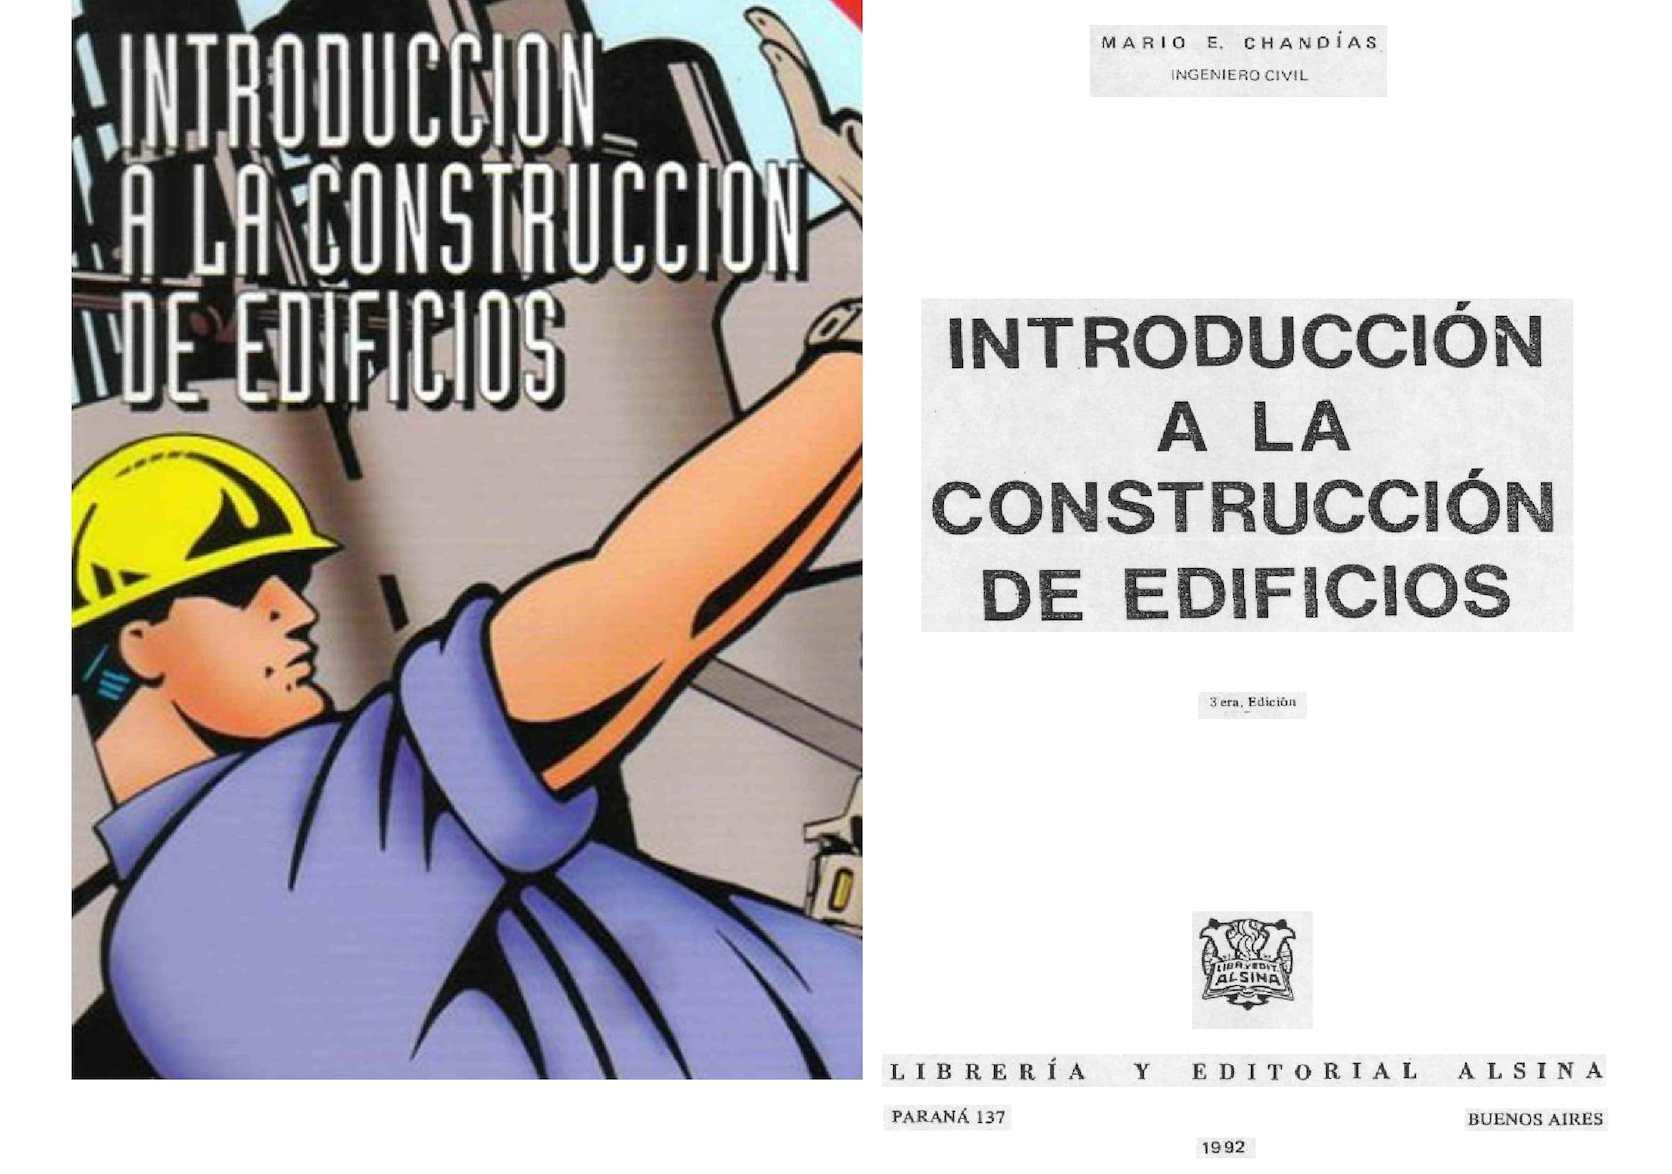 Introducción a la Construcción de Edificios; Mario E. Chandías